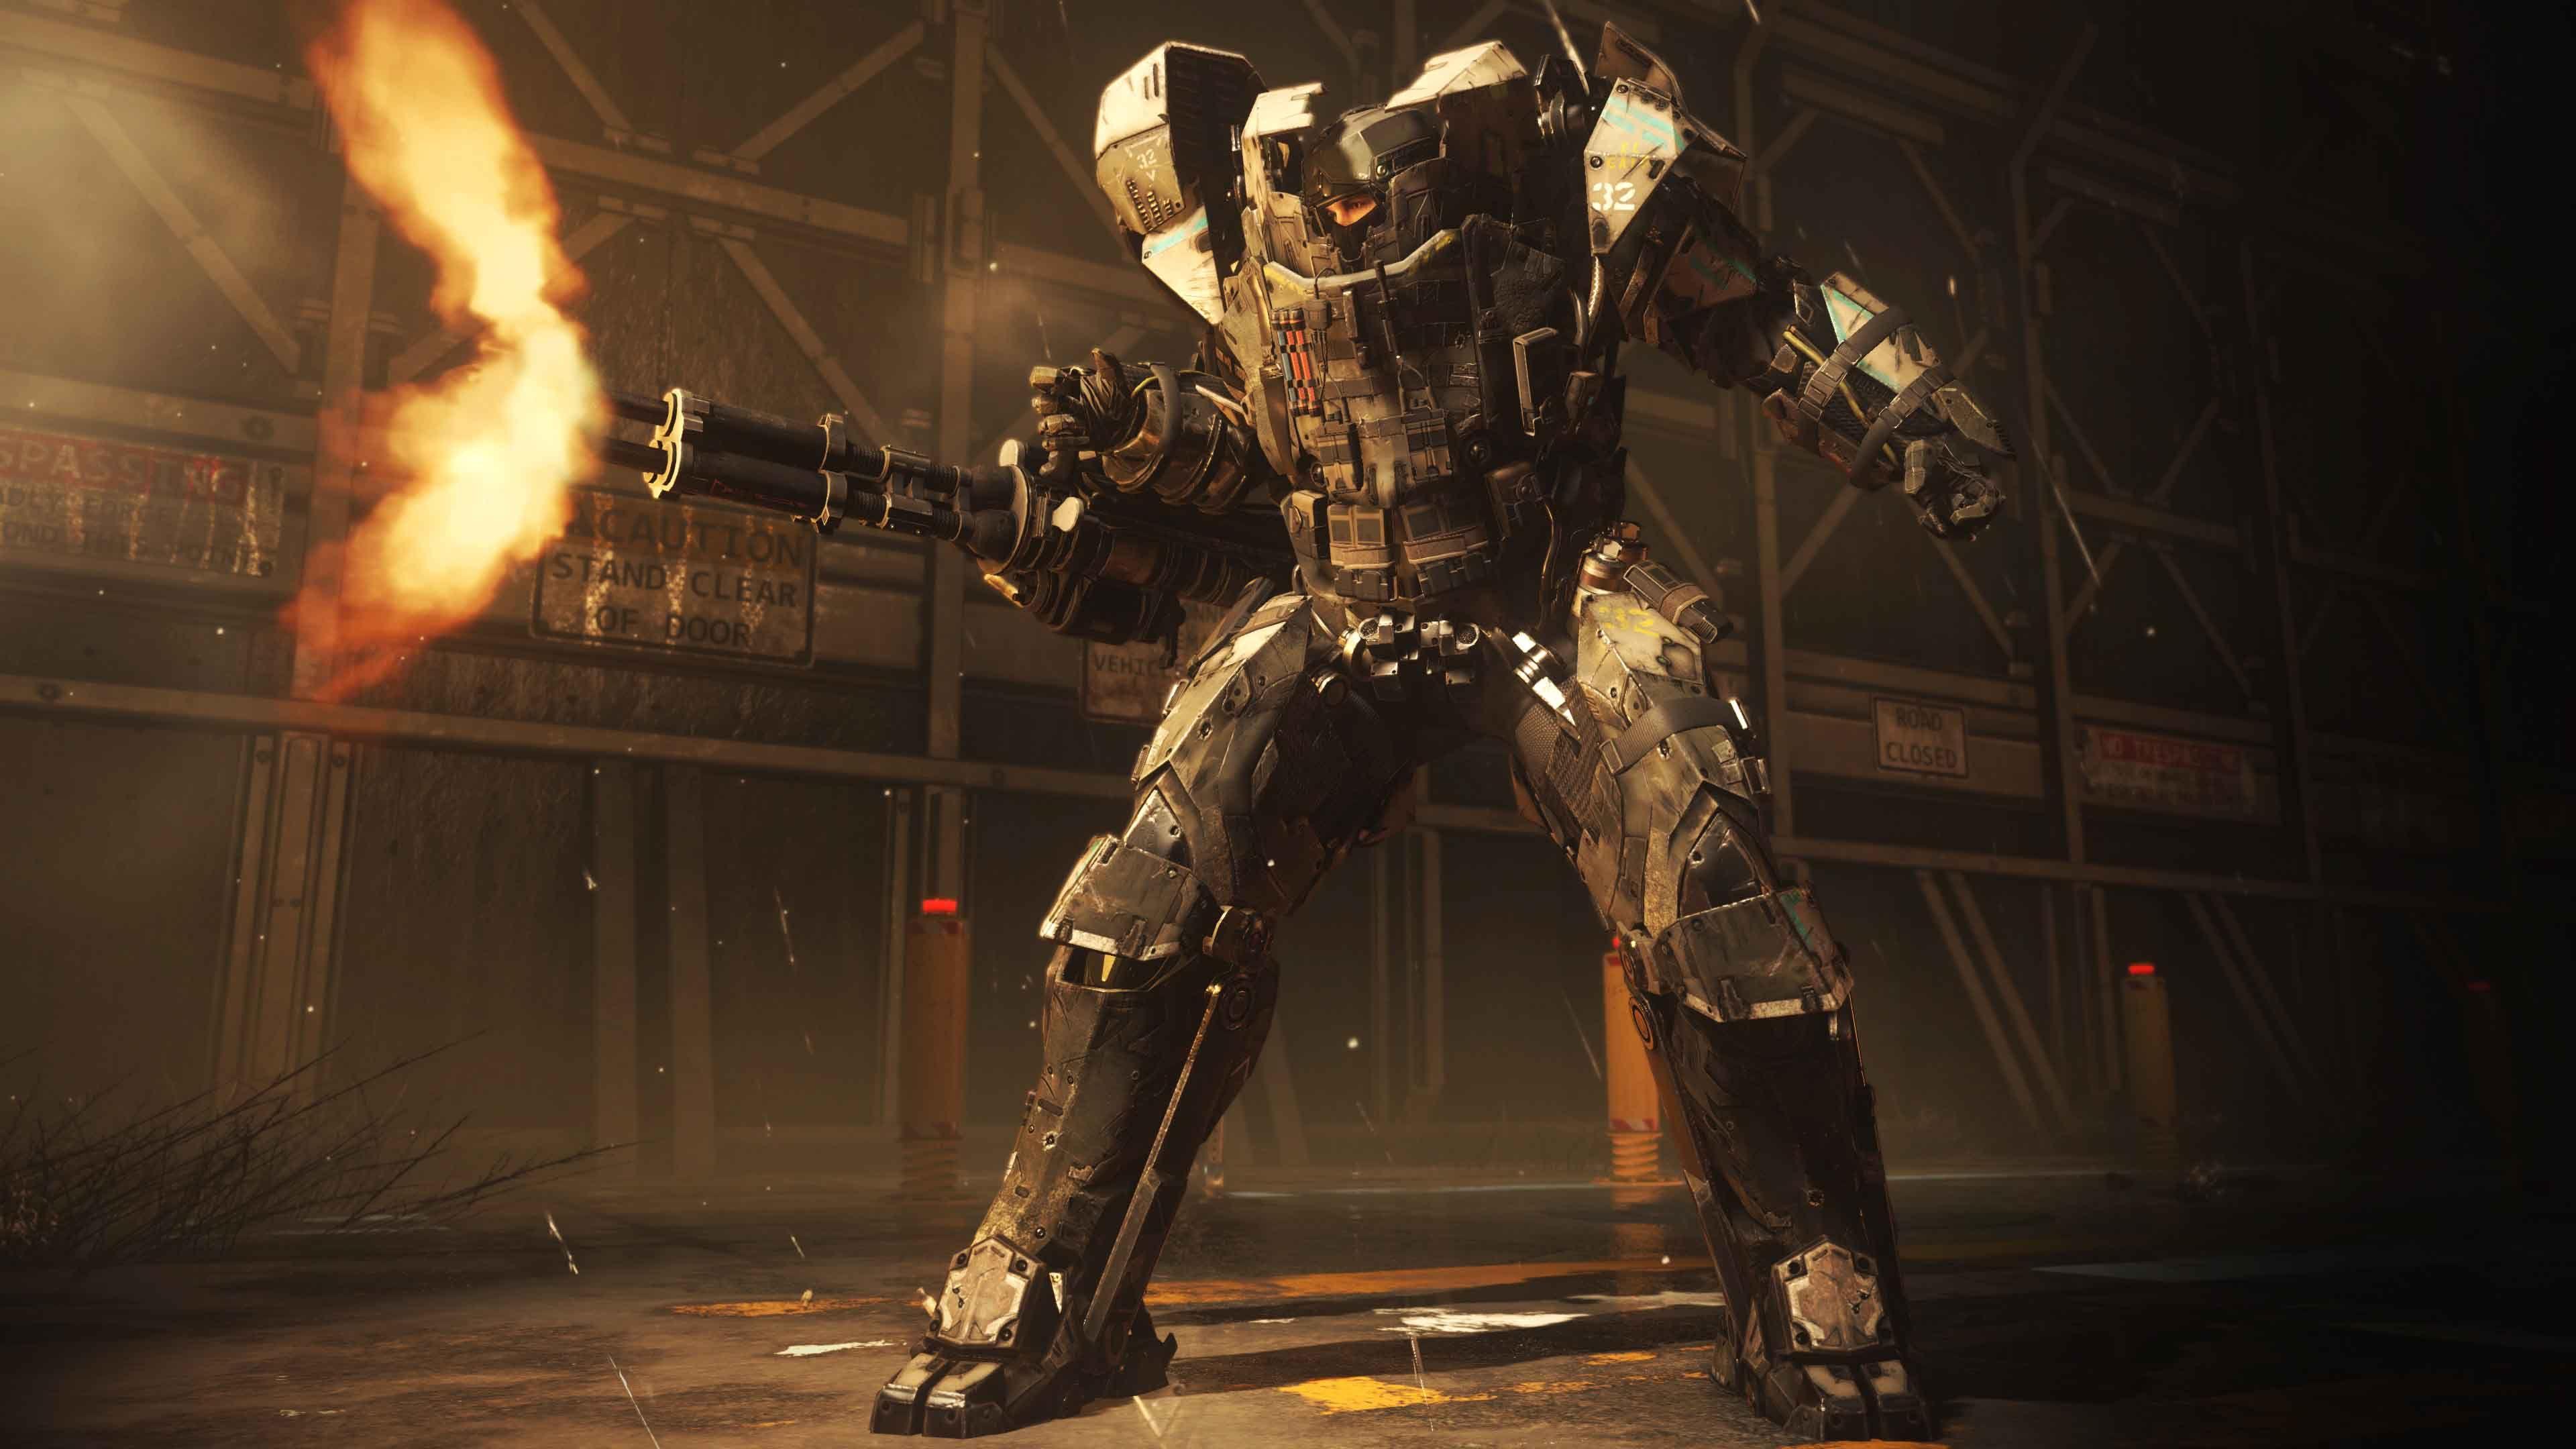 Mecha XS1 Goliath